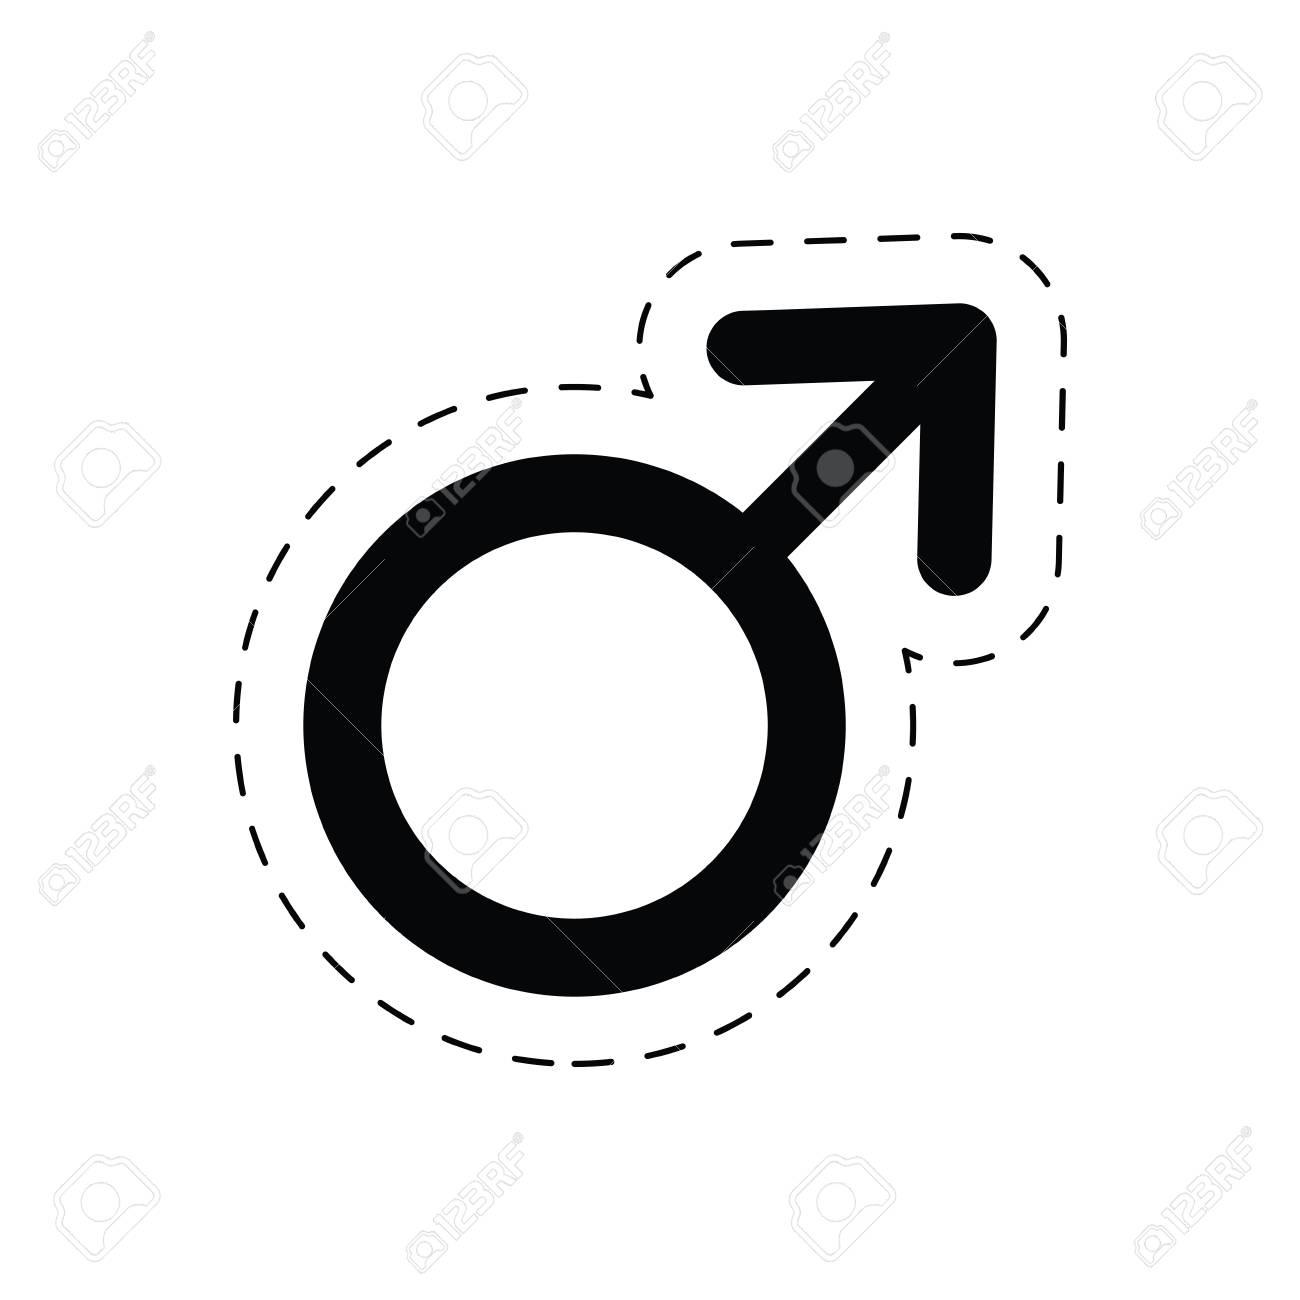 1300x1300 Male Gender Symbol Sex Pictogram Cut Line Vector Illustration